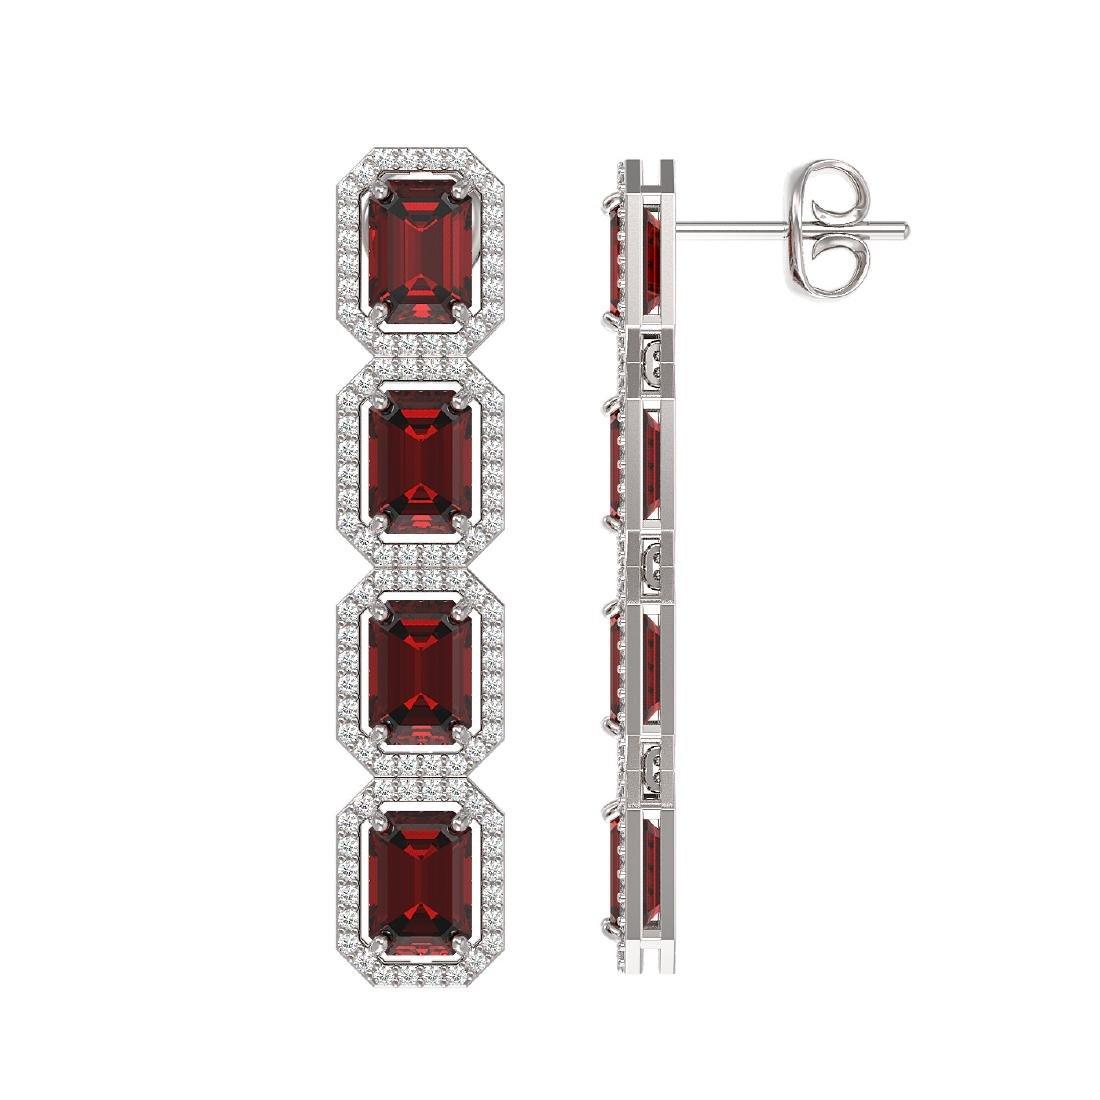 12.73 CTW Garnet & Diamond Halo Earrings 10K White Gold - 2